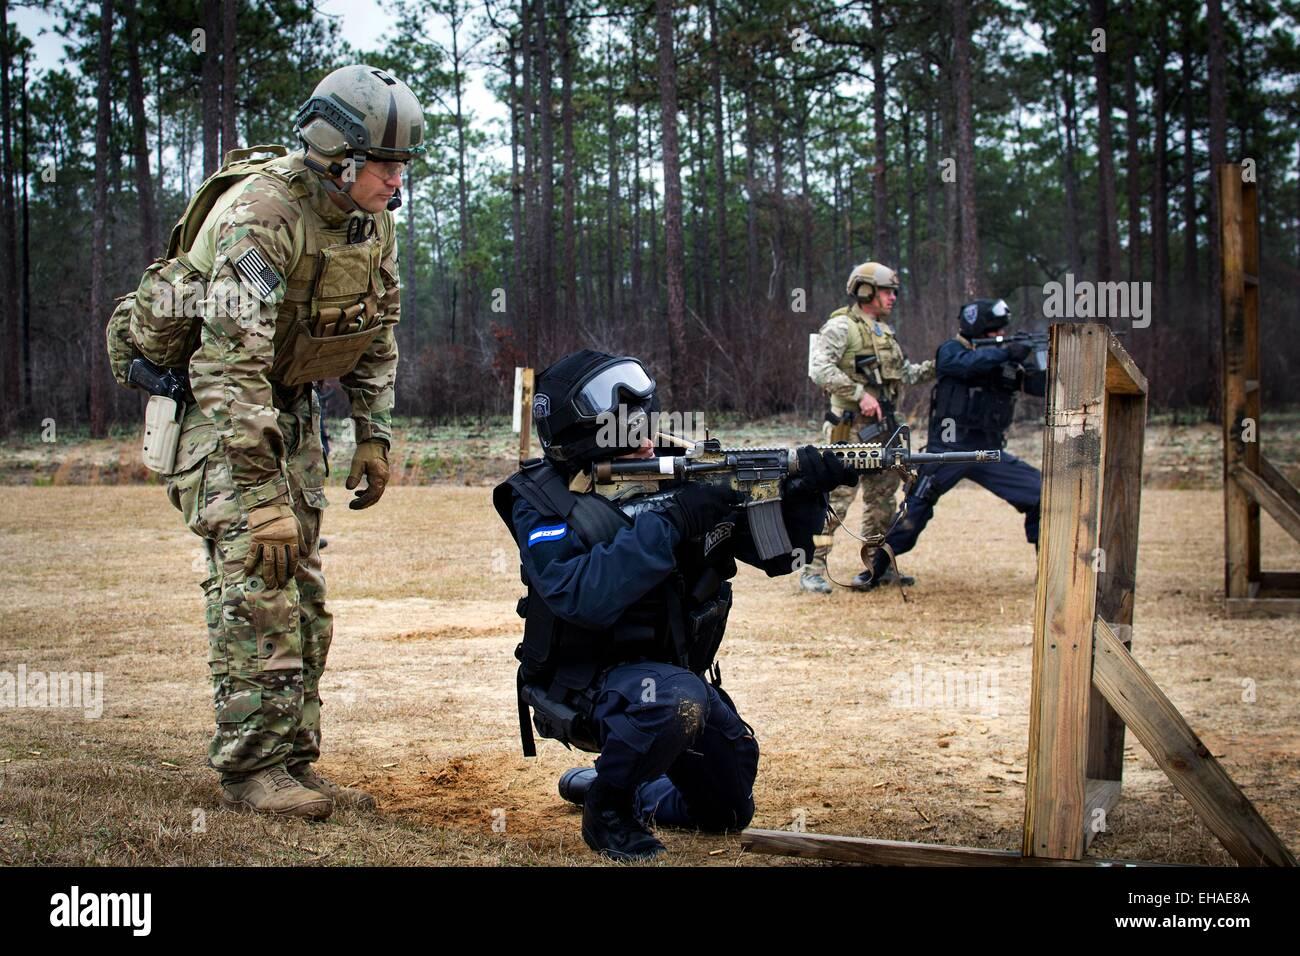 Des soldats des forces spéciales américaines en train de